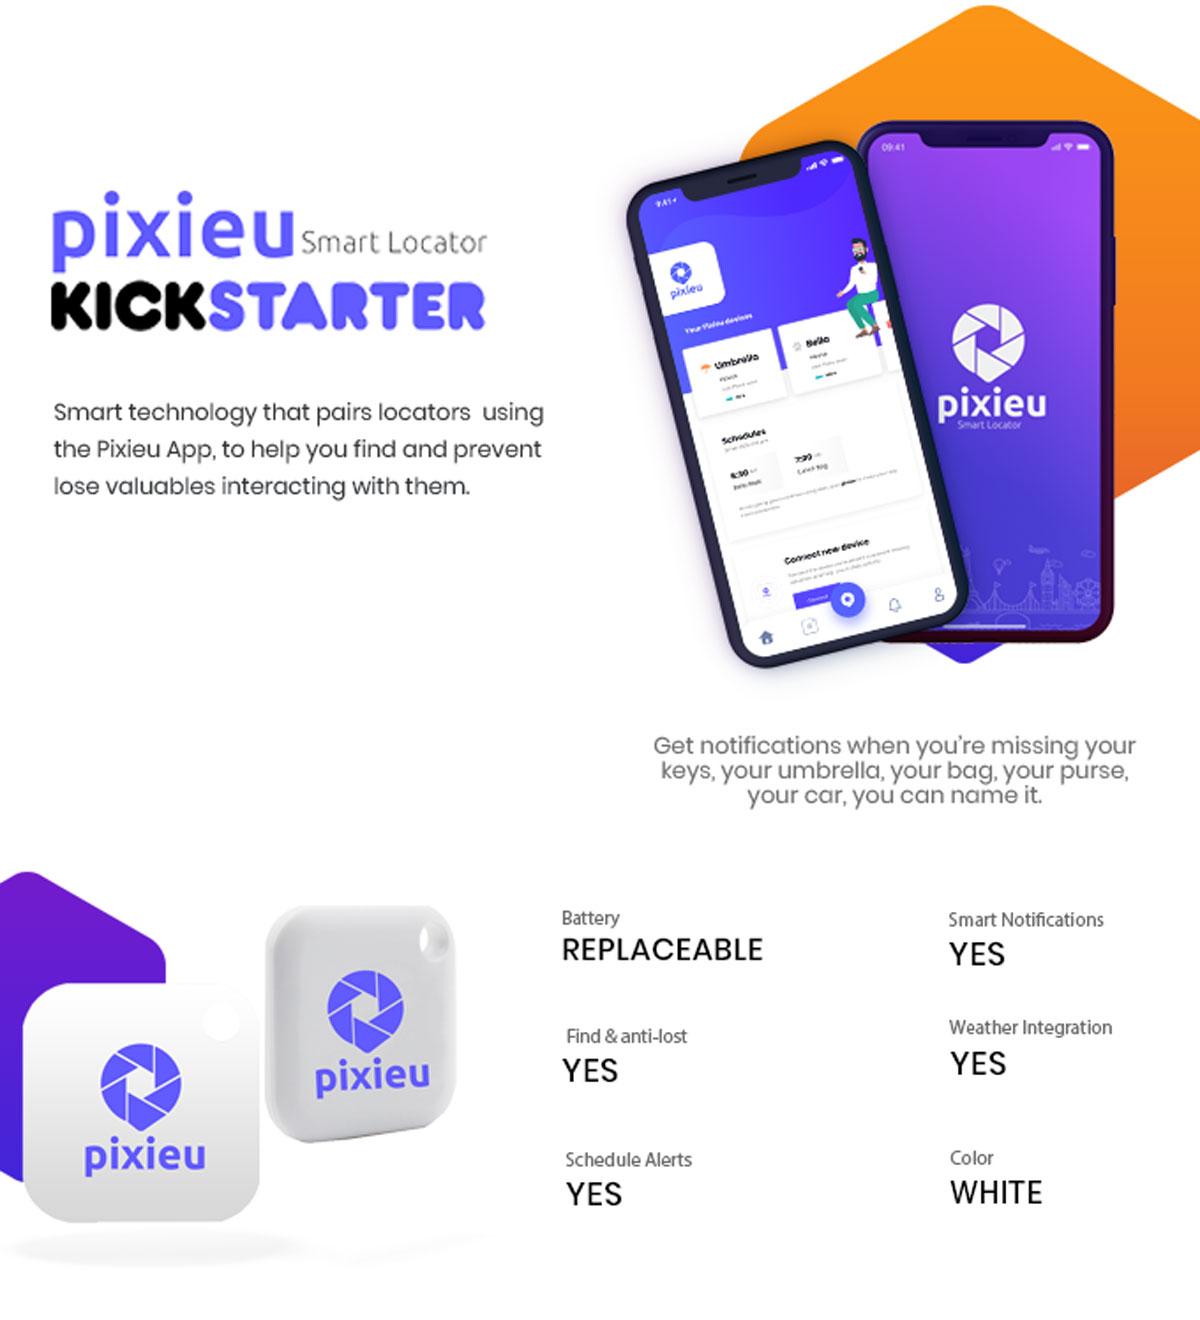 Pixieu Overview